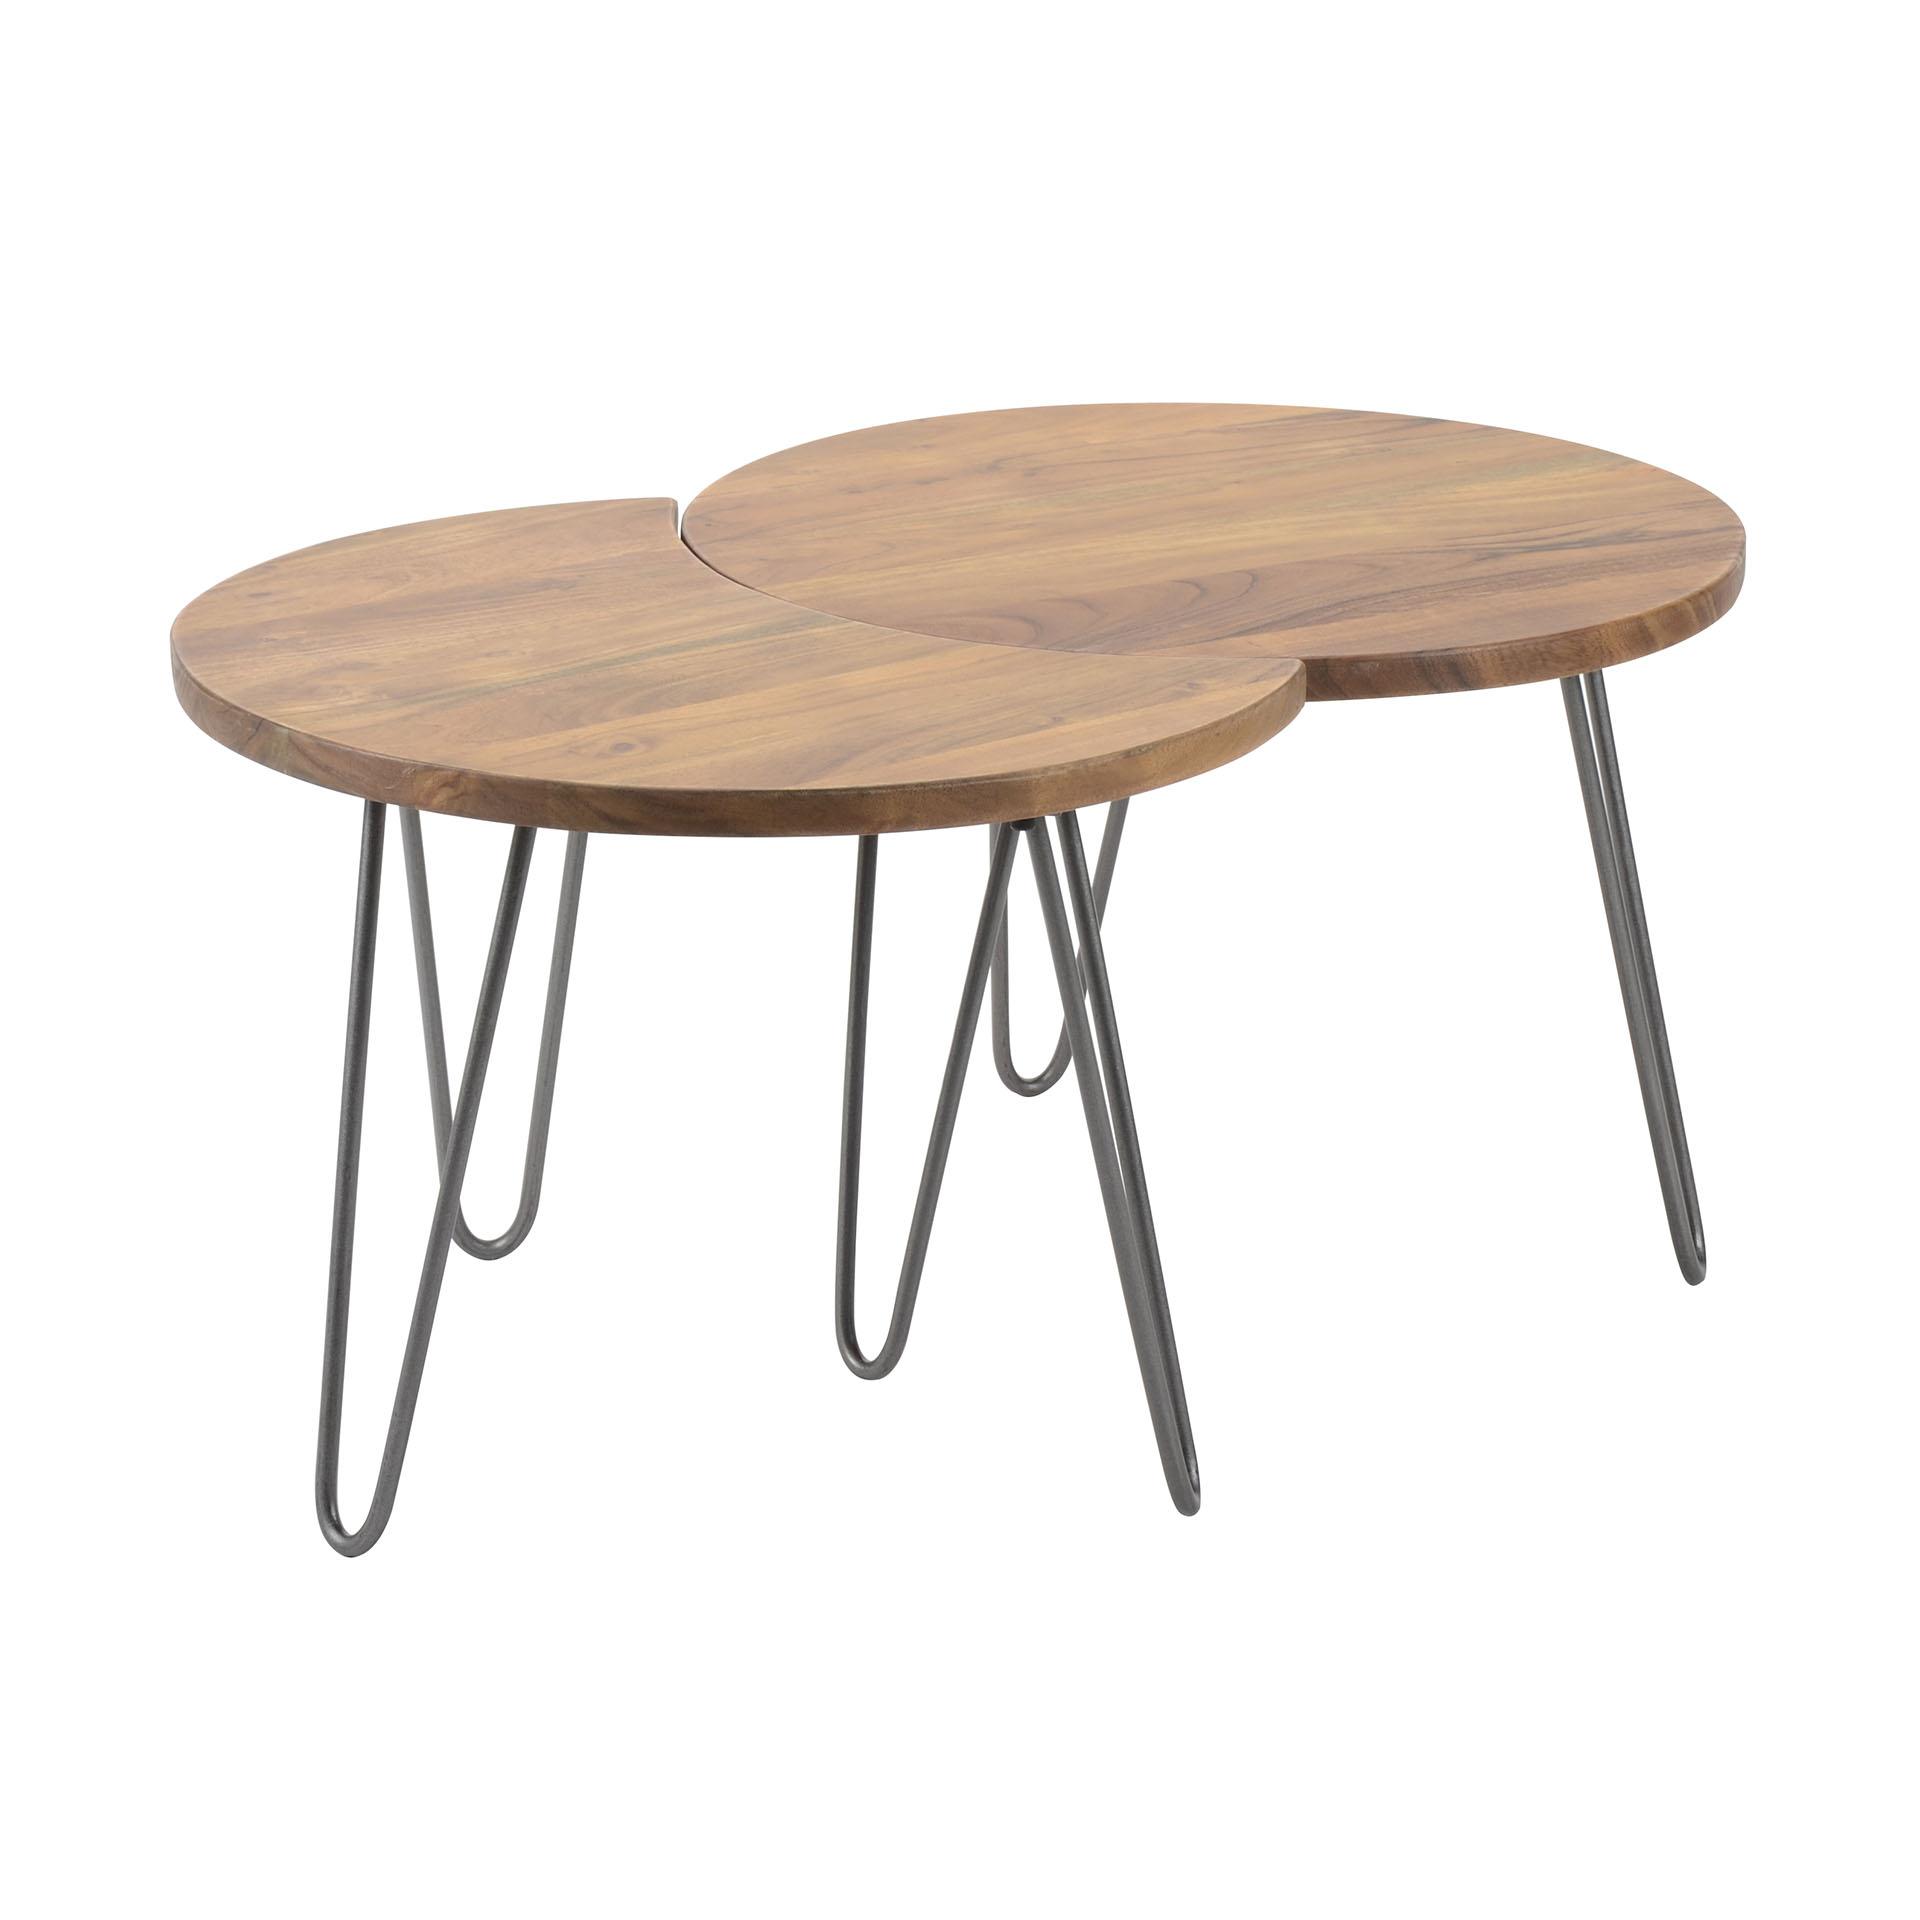 Furbo sofabord - natur/sort akacietræ/stål, rund (sæt ? 2 stk) fra furbo på boboonline.dk